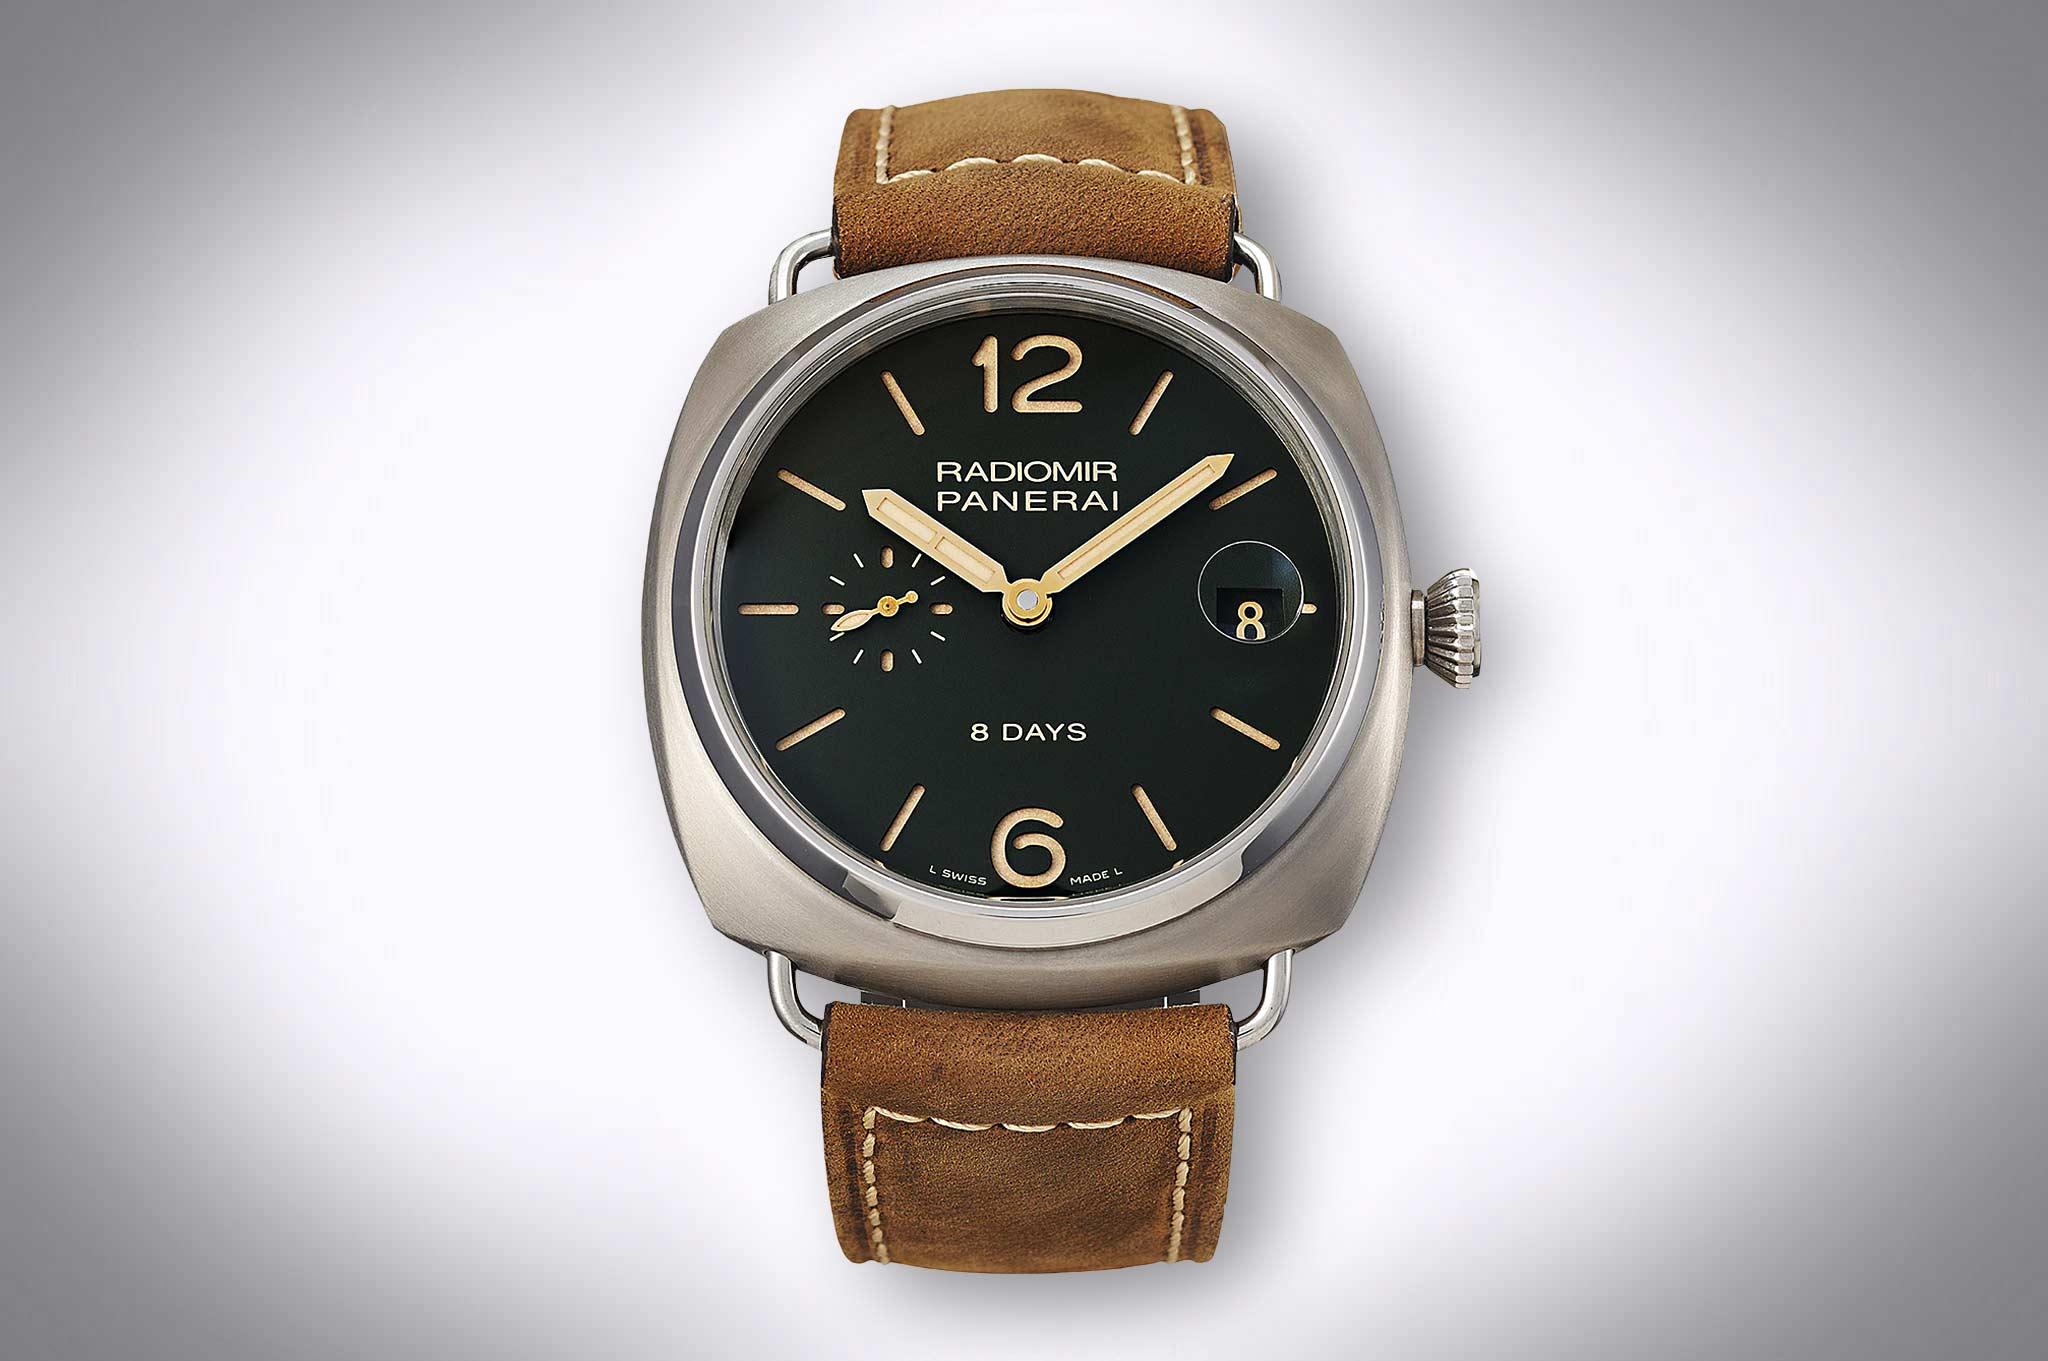 Panerai Uhr als Wertanlage